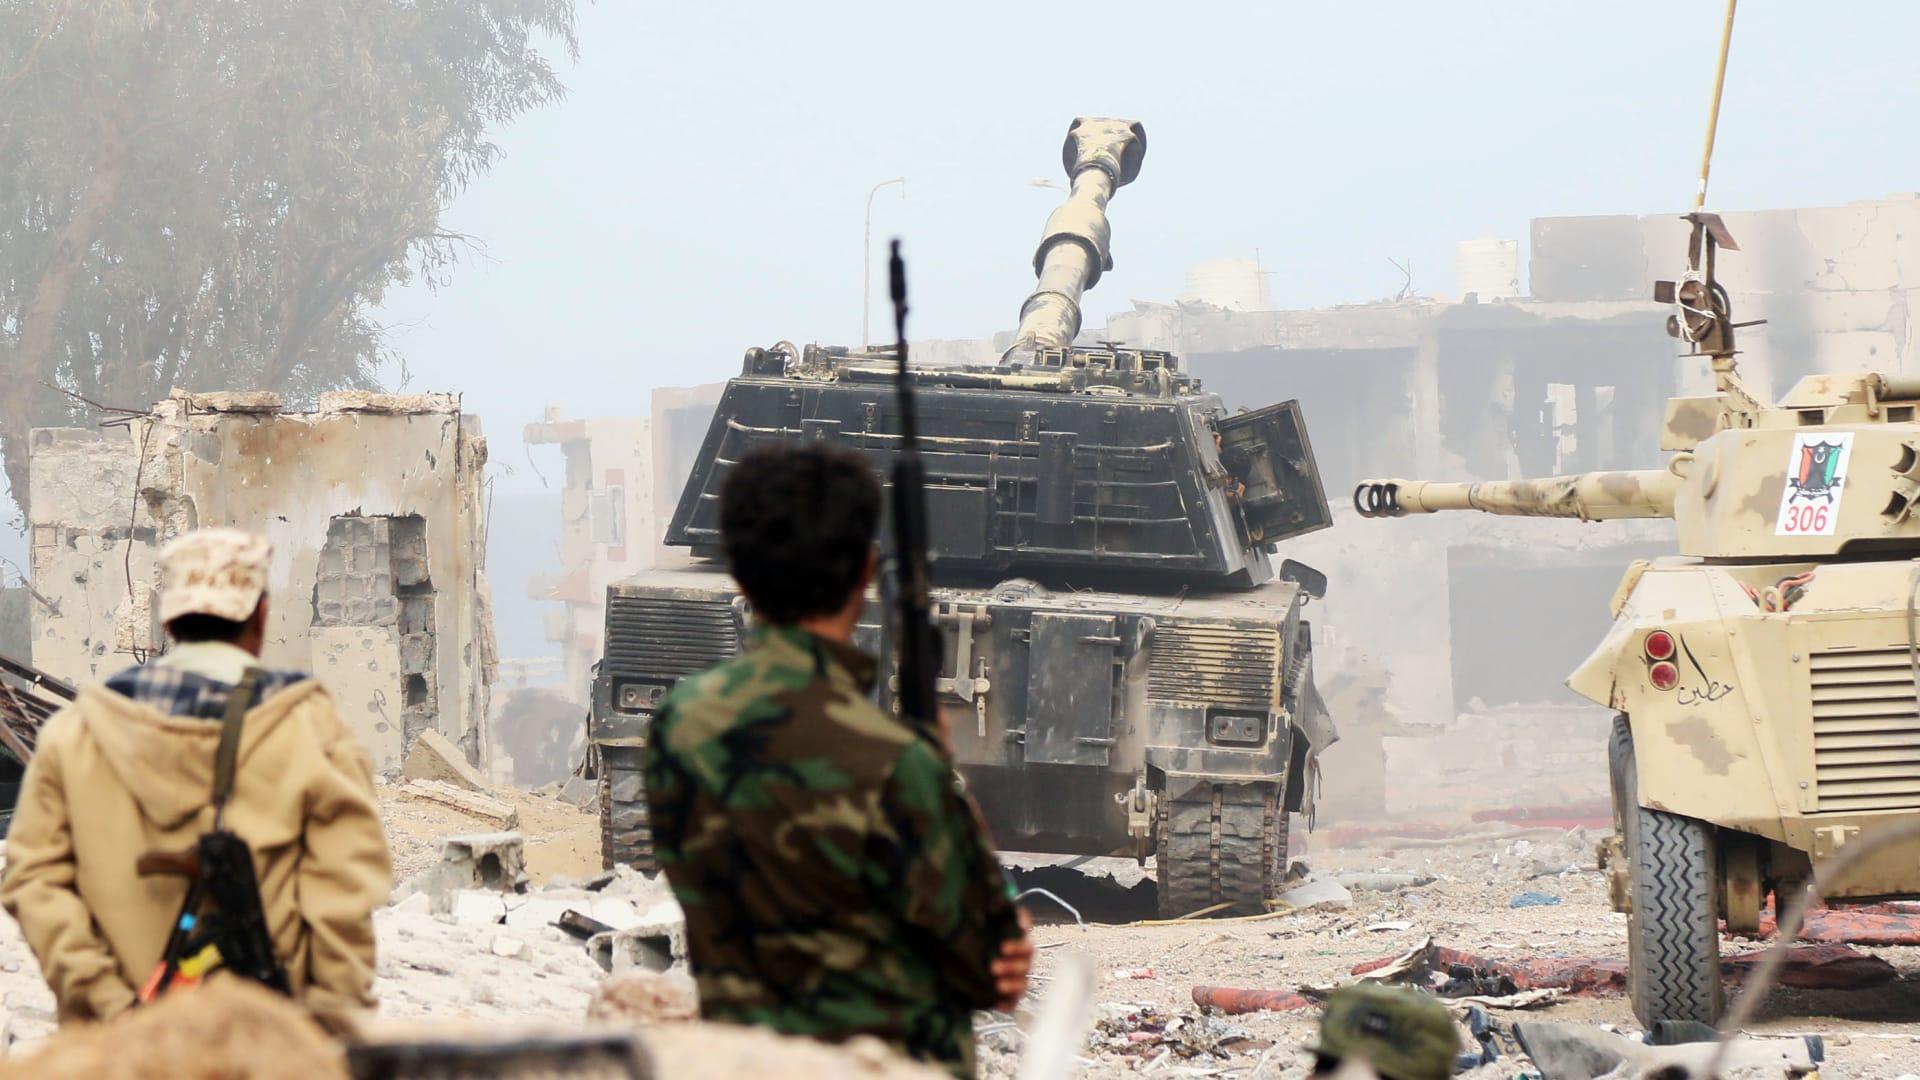 """البنتاغون لـCNN: تحررت مدينة سرت من داعش.. وكارتر: يجب سحق التنظيم وفكرة تأسيس """"دولة إسلامية"""""""